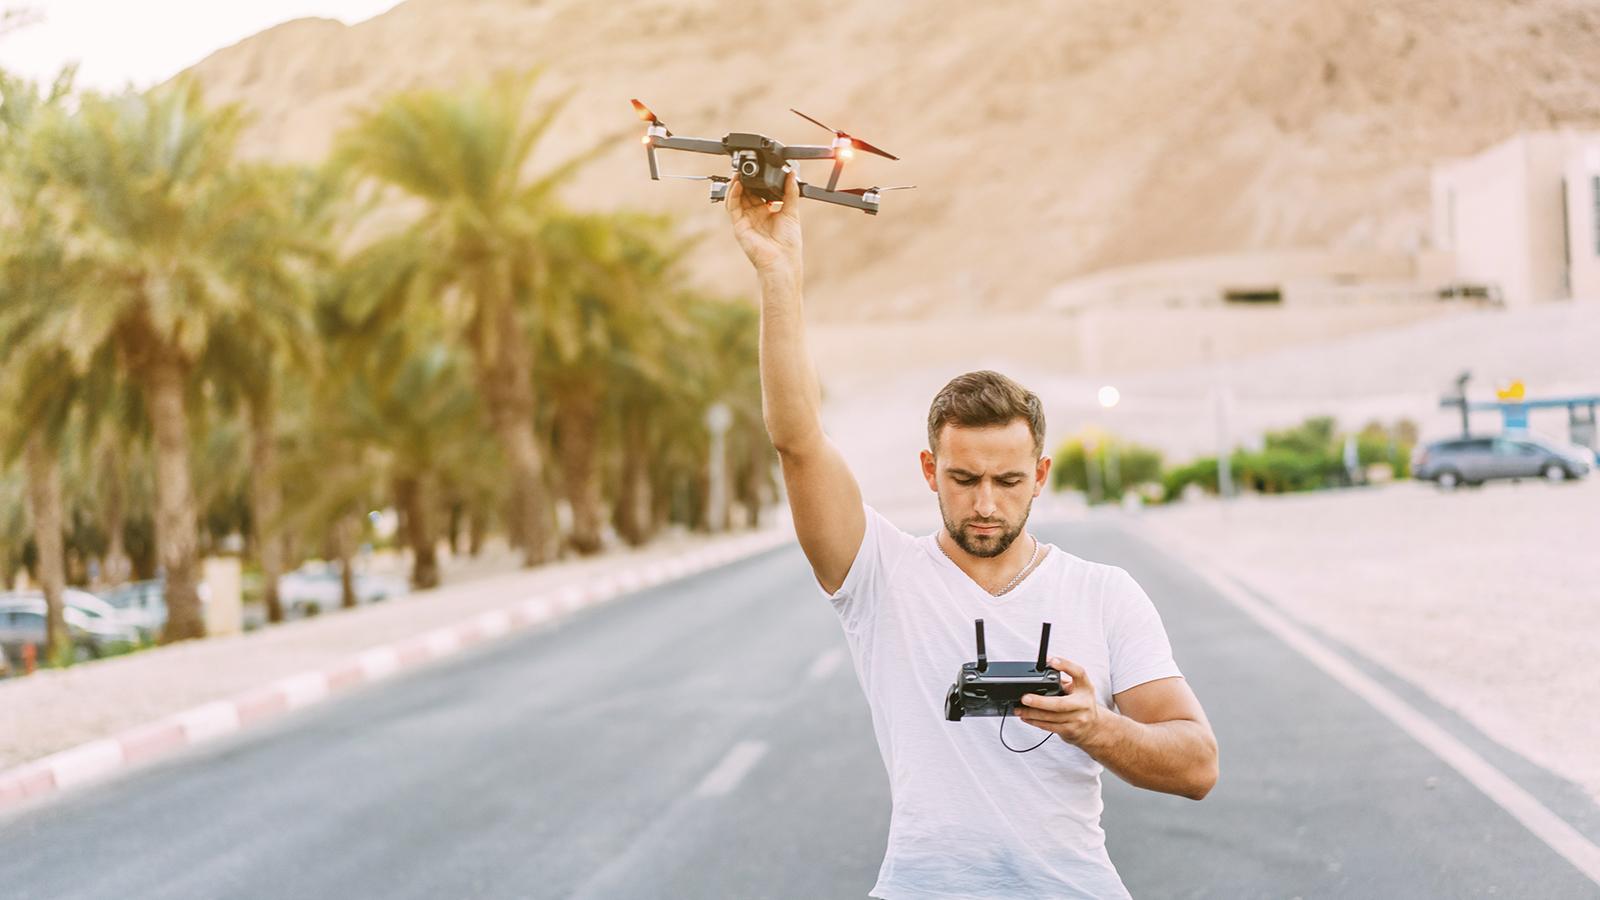 Descubra as vantagens das filmagens aereas para sua marca - Descubra as vantagens das filmagens aéreas para sua marca